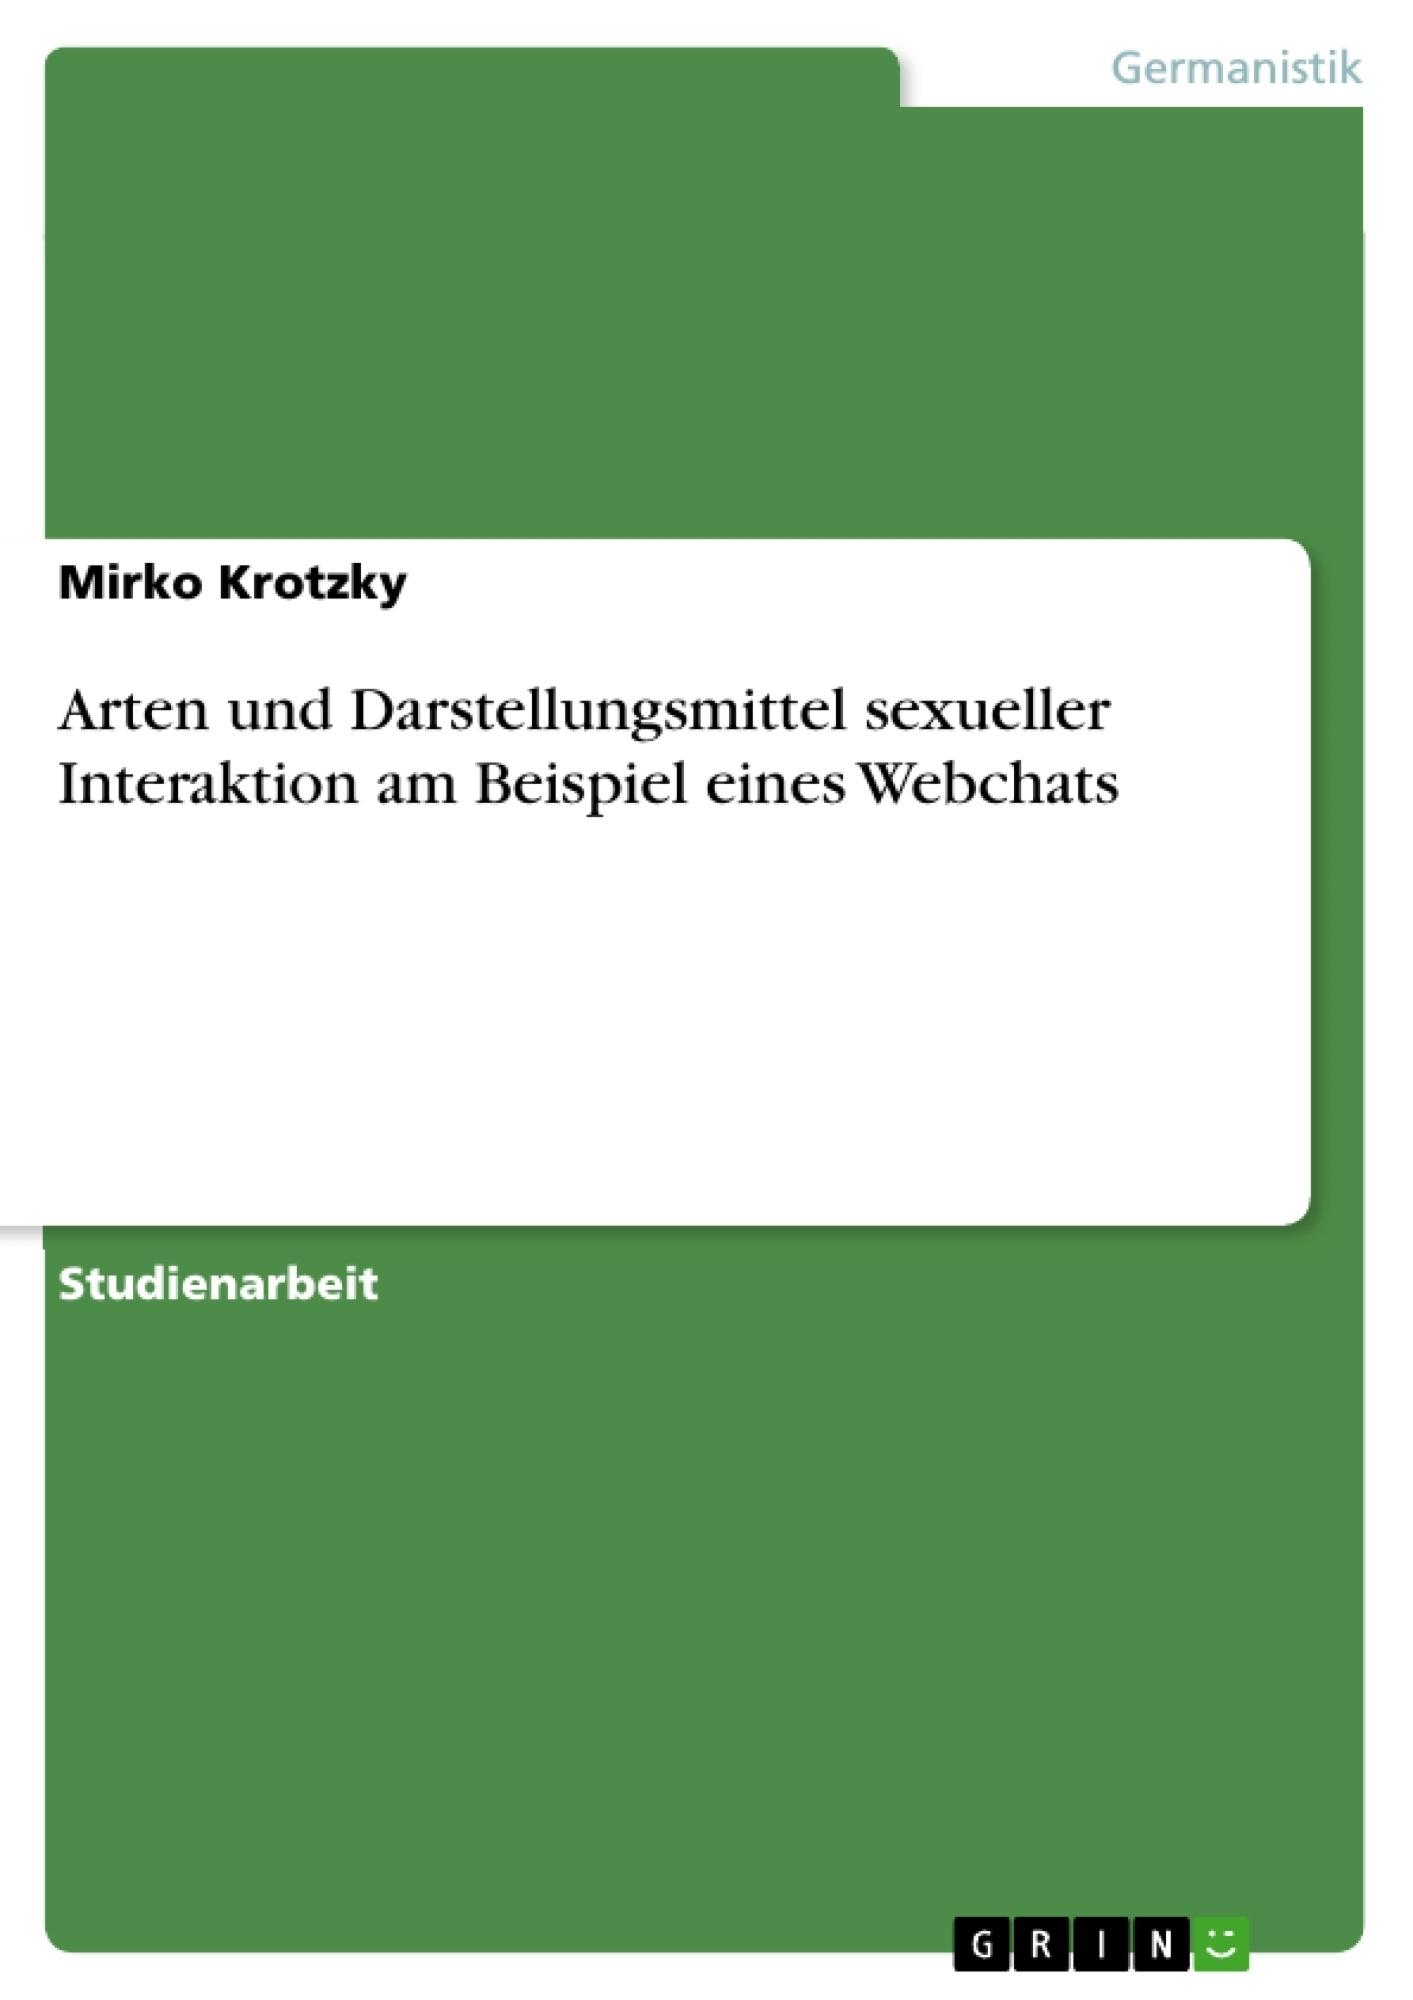 Titel: Arten und Darstellungsmittel sexueller Interaktion am Beispiel eines Webchats